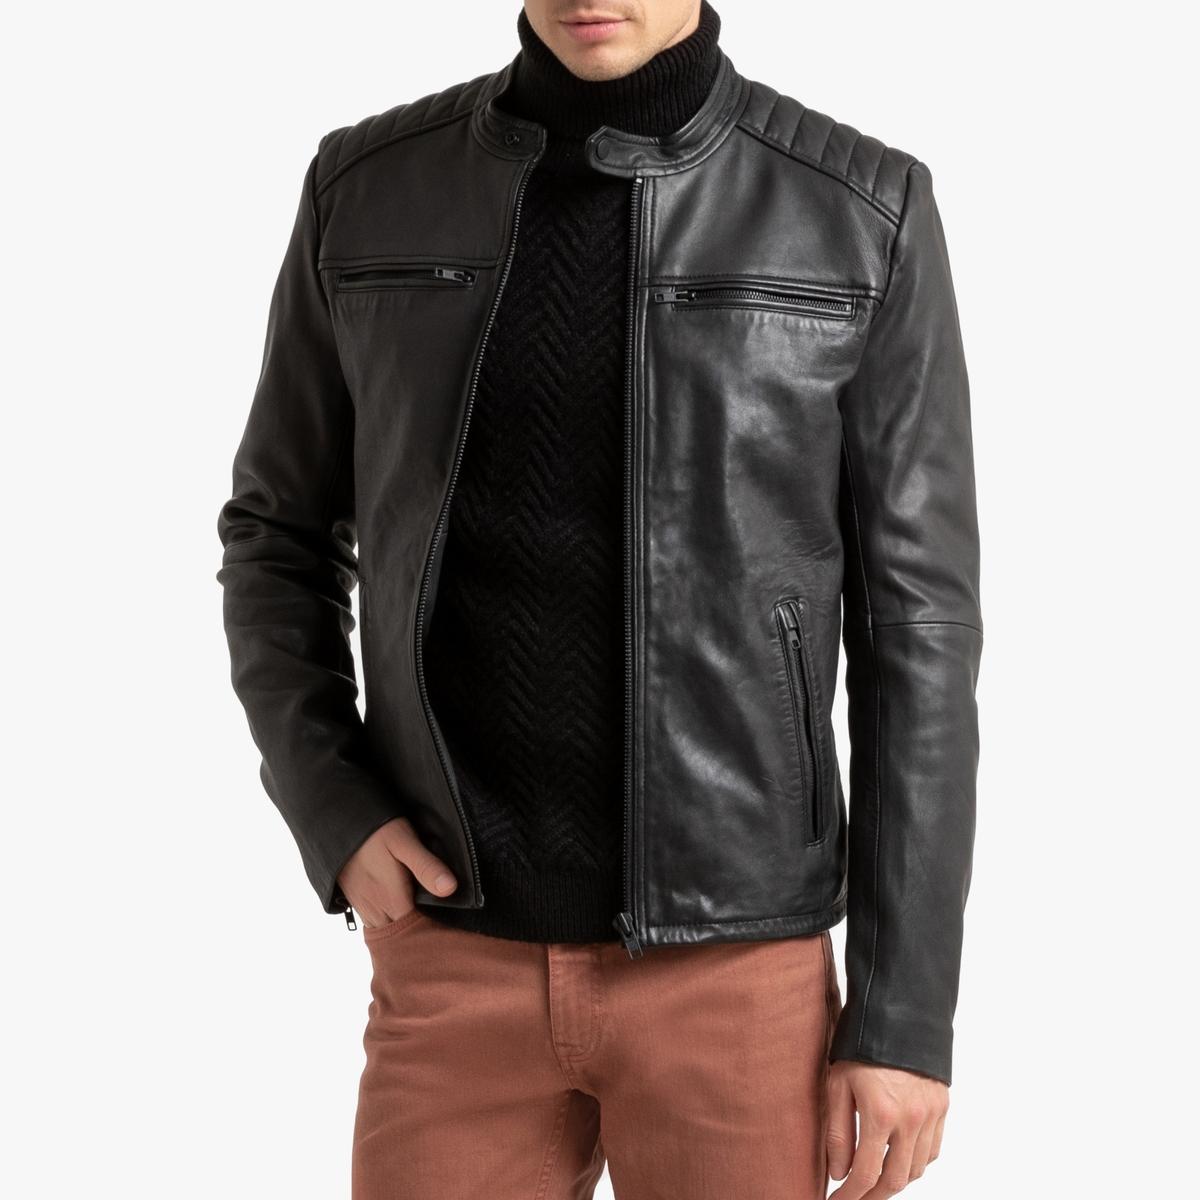 Блузон La Redoute Кожаный в байкерском стиле XS черный блузон la redoute в байкерском стиле ozone s черный